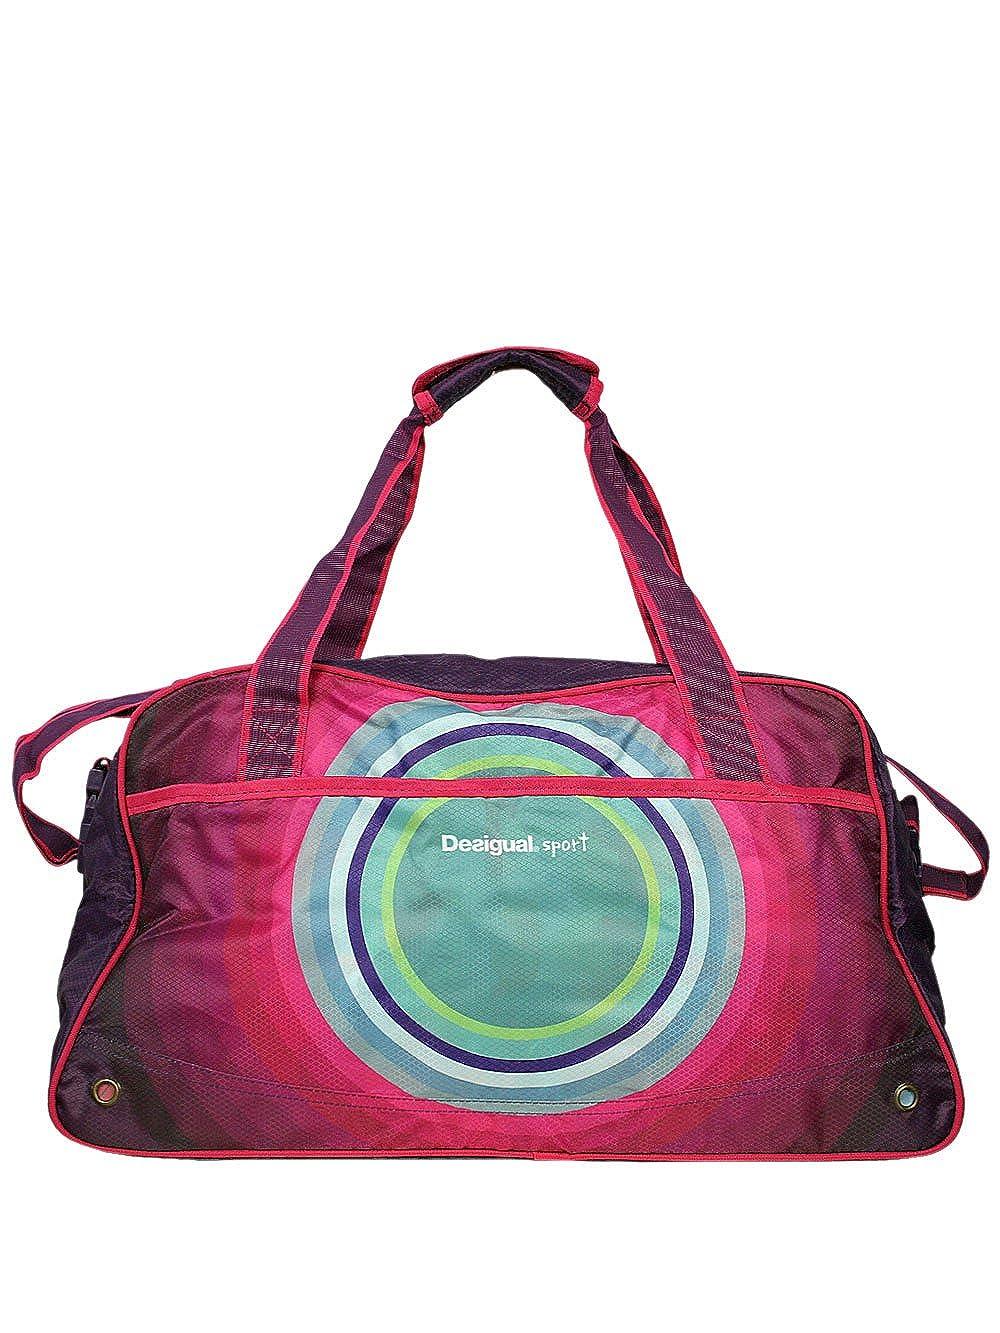 f35405992 DESIGUAL Women Designer Sportsbag Handbag - SPORT BAG GALACTIC -:  Amazon.co.uk: Clothing